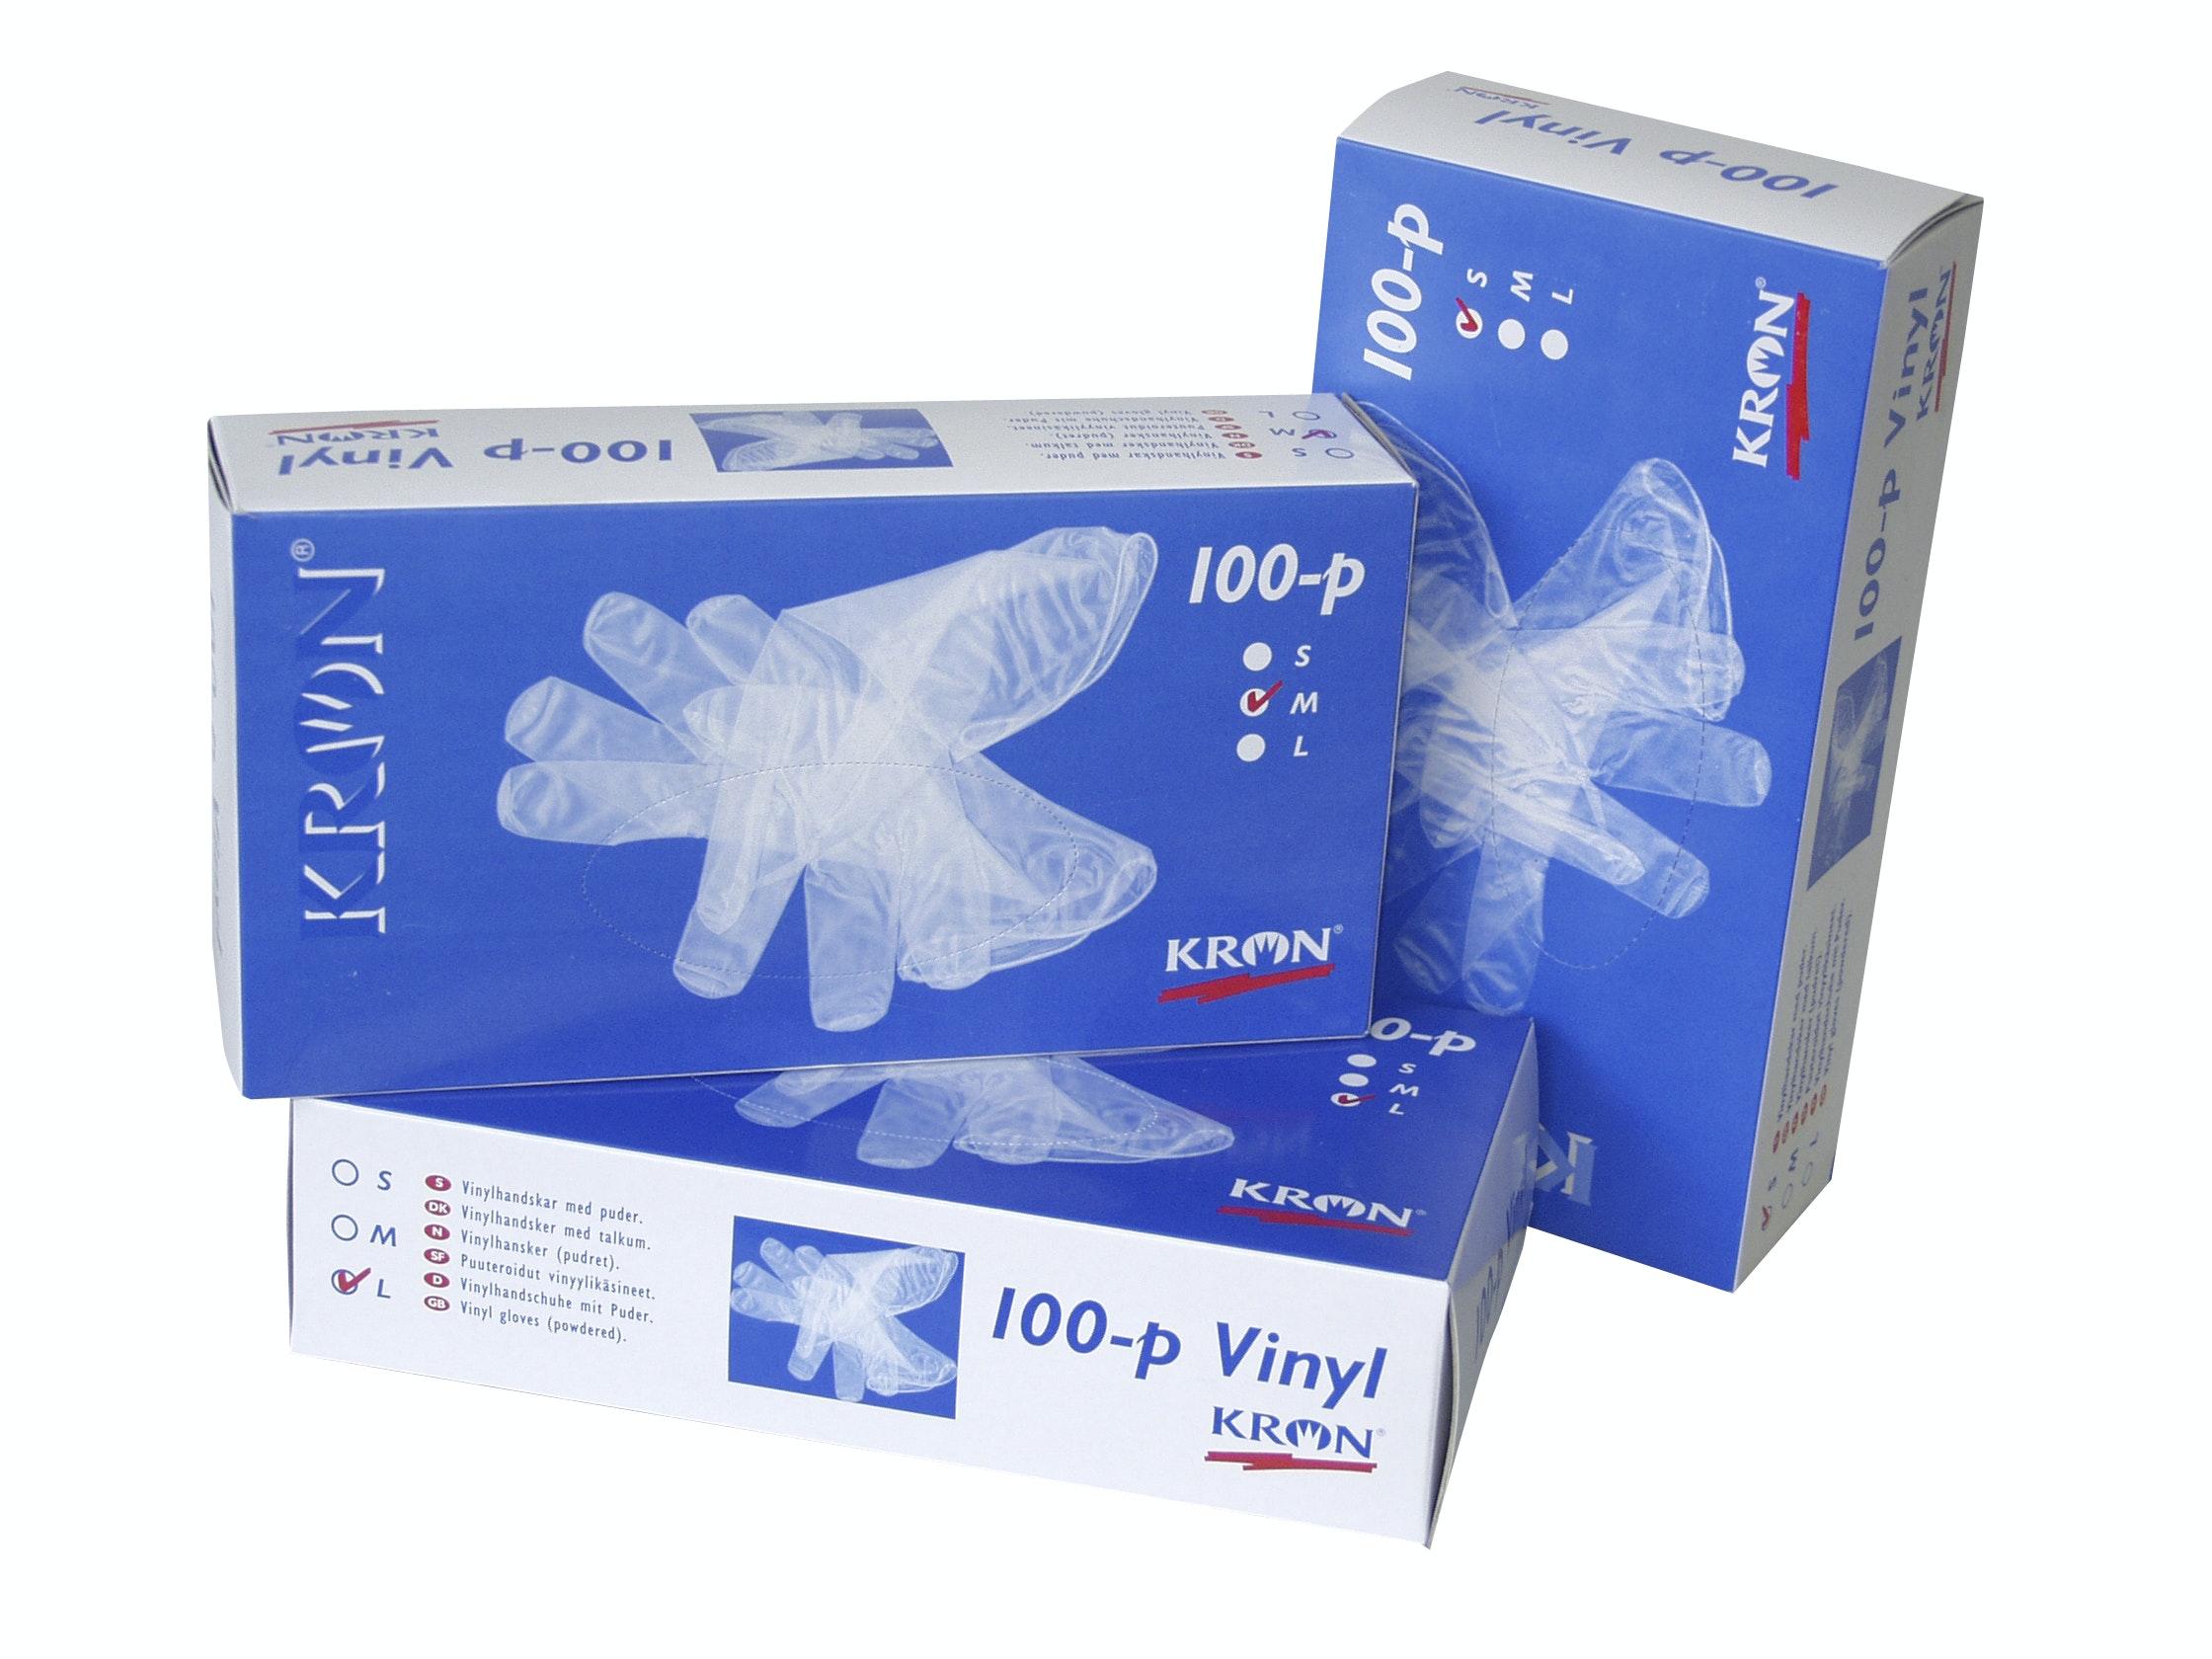 Handske Kron Vinyl Pudrad 100-Pack S12760